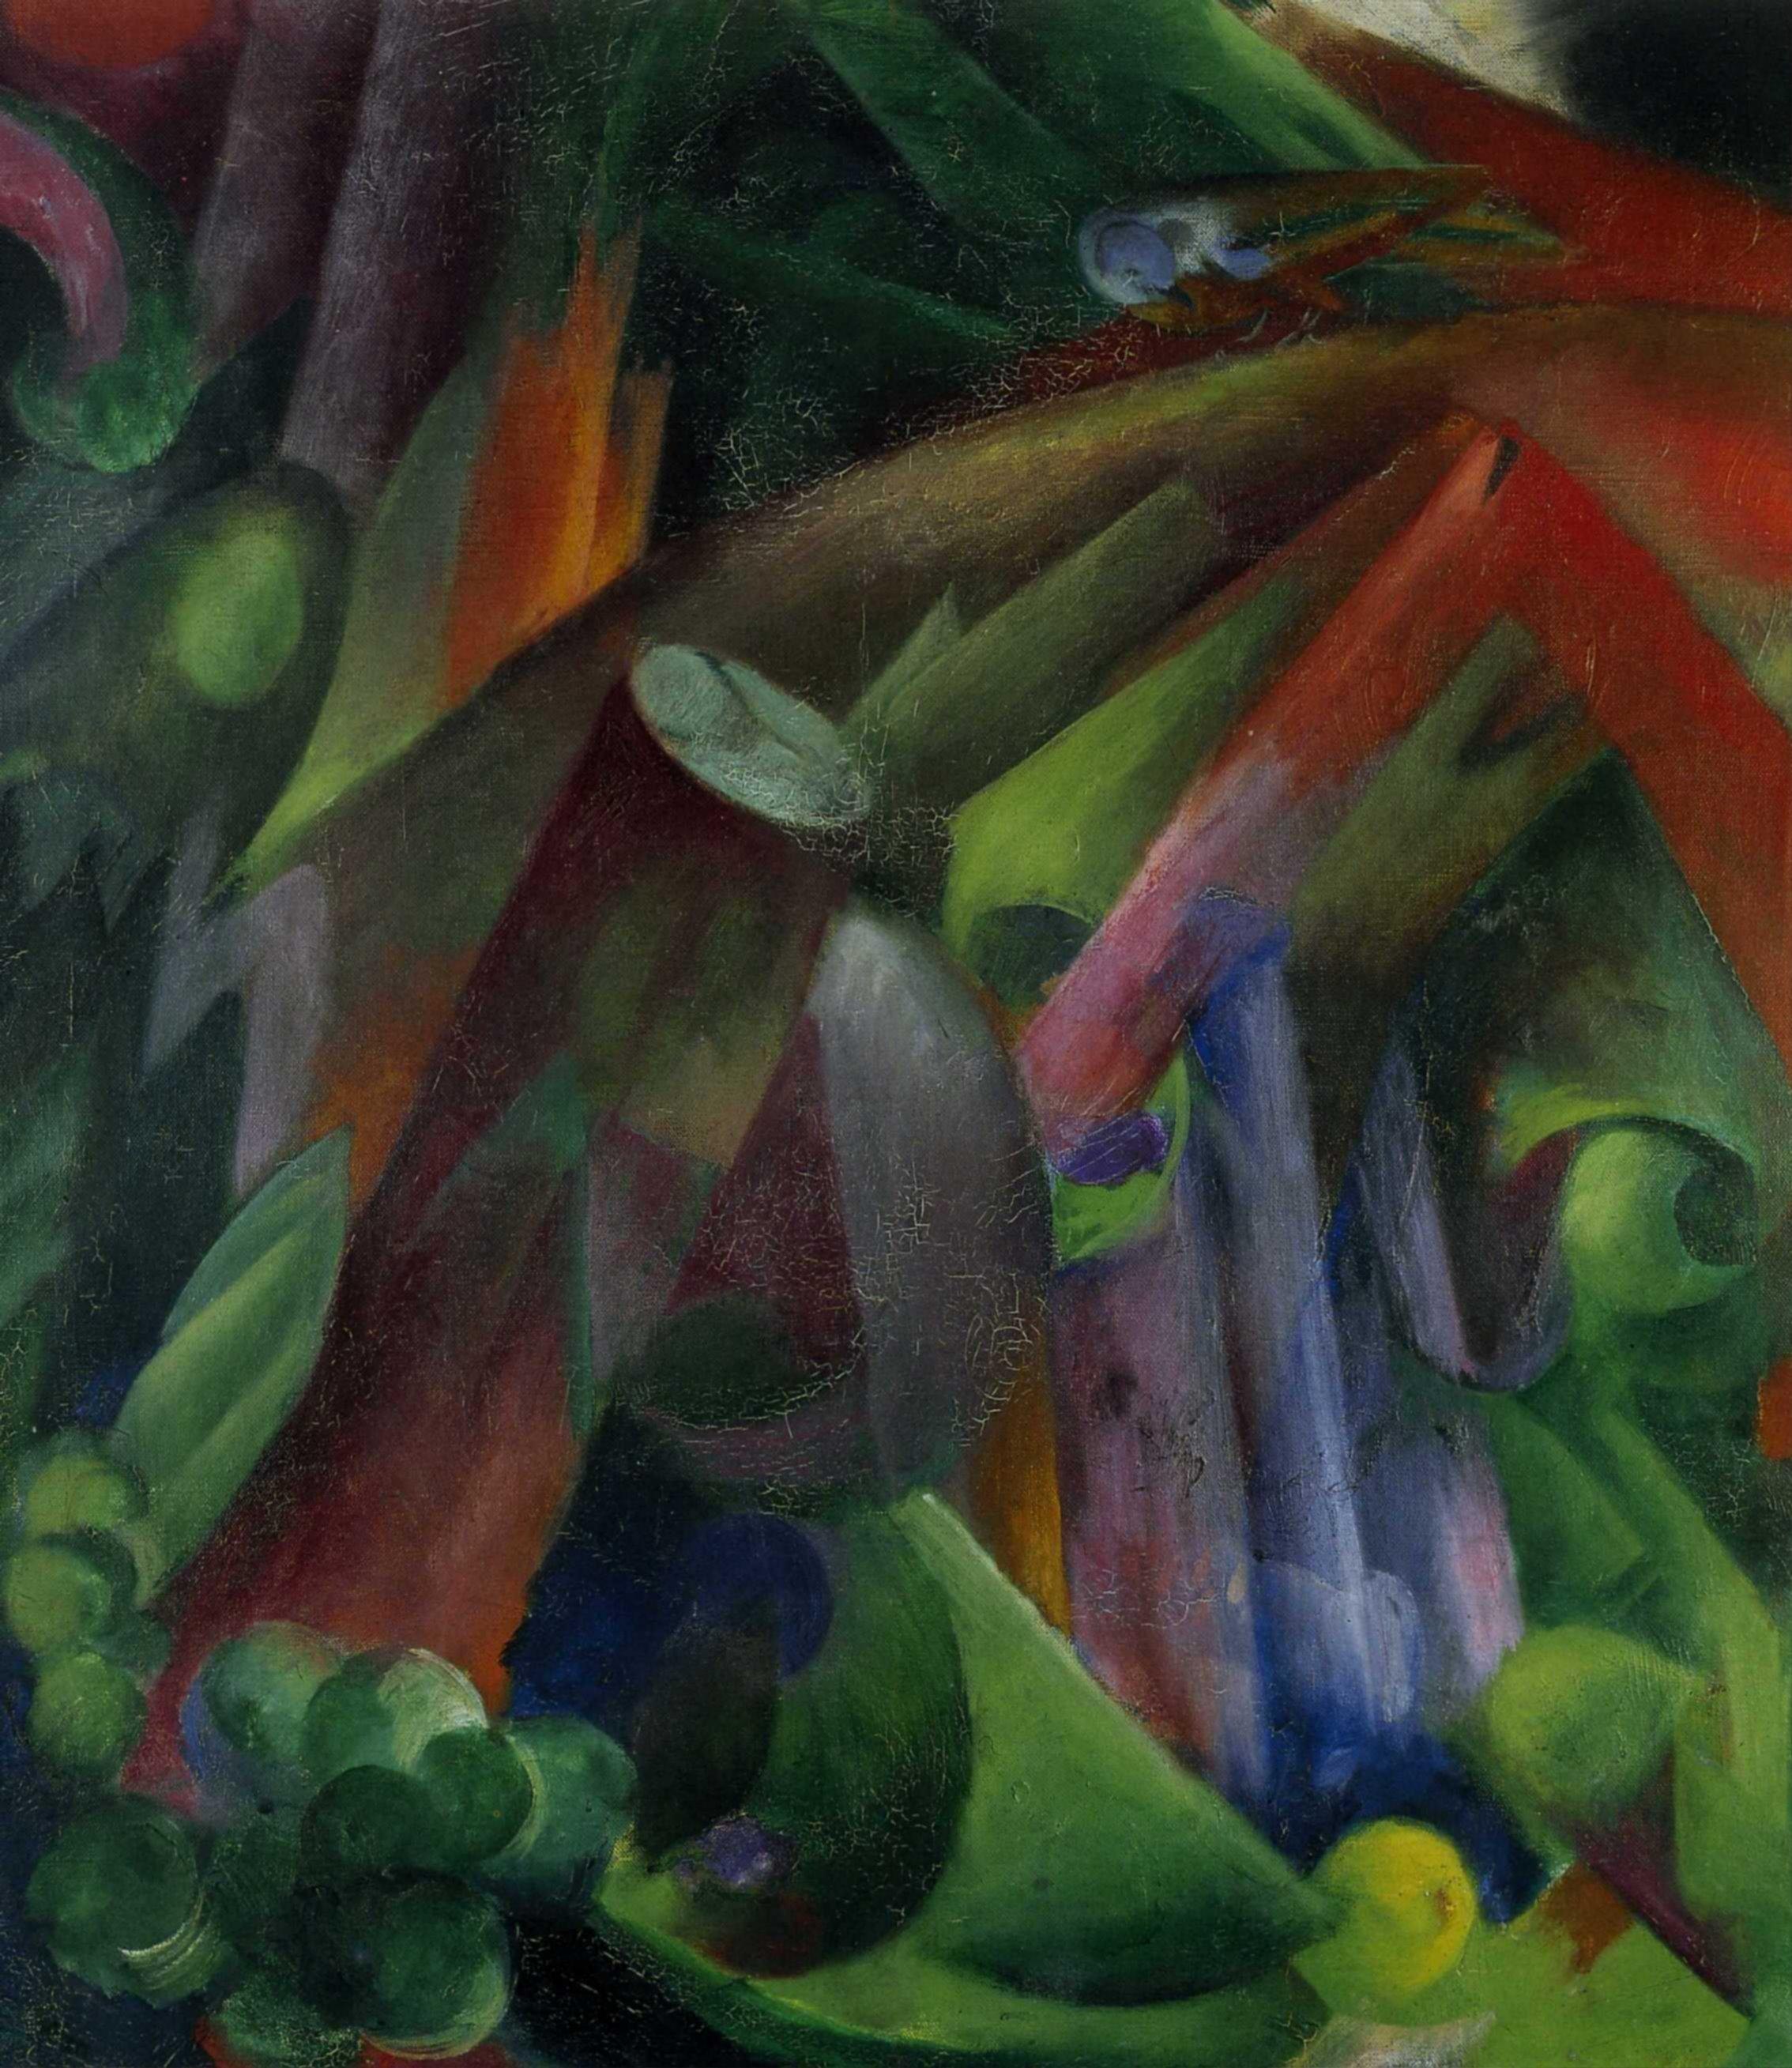 Франц Марк (1880  — 1916) — немецкий живописец, яркий представитель немецкого экспрессионизма. 1912. «Внутренние леса С Птицей»